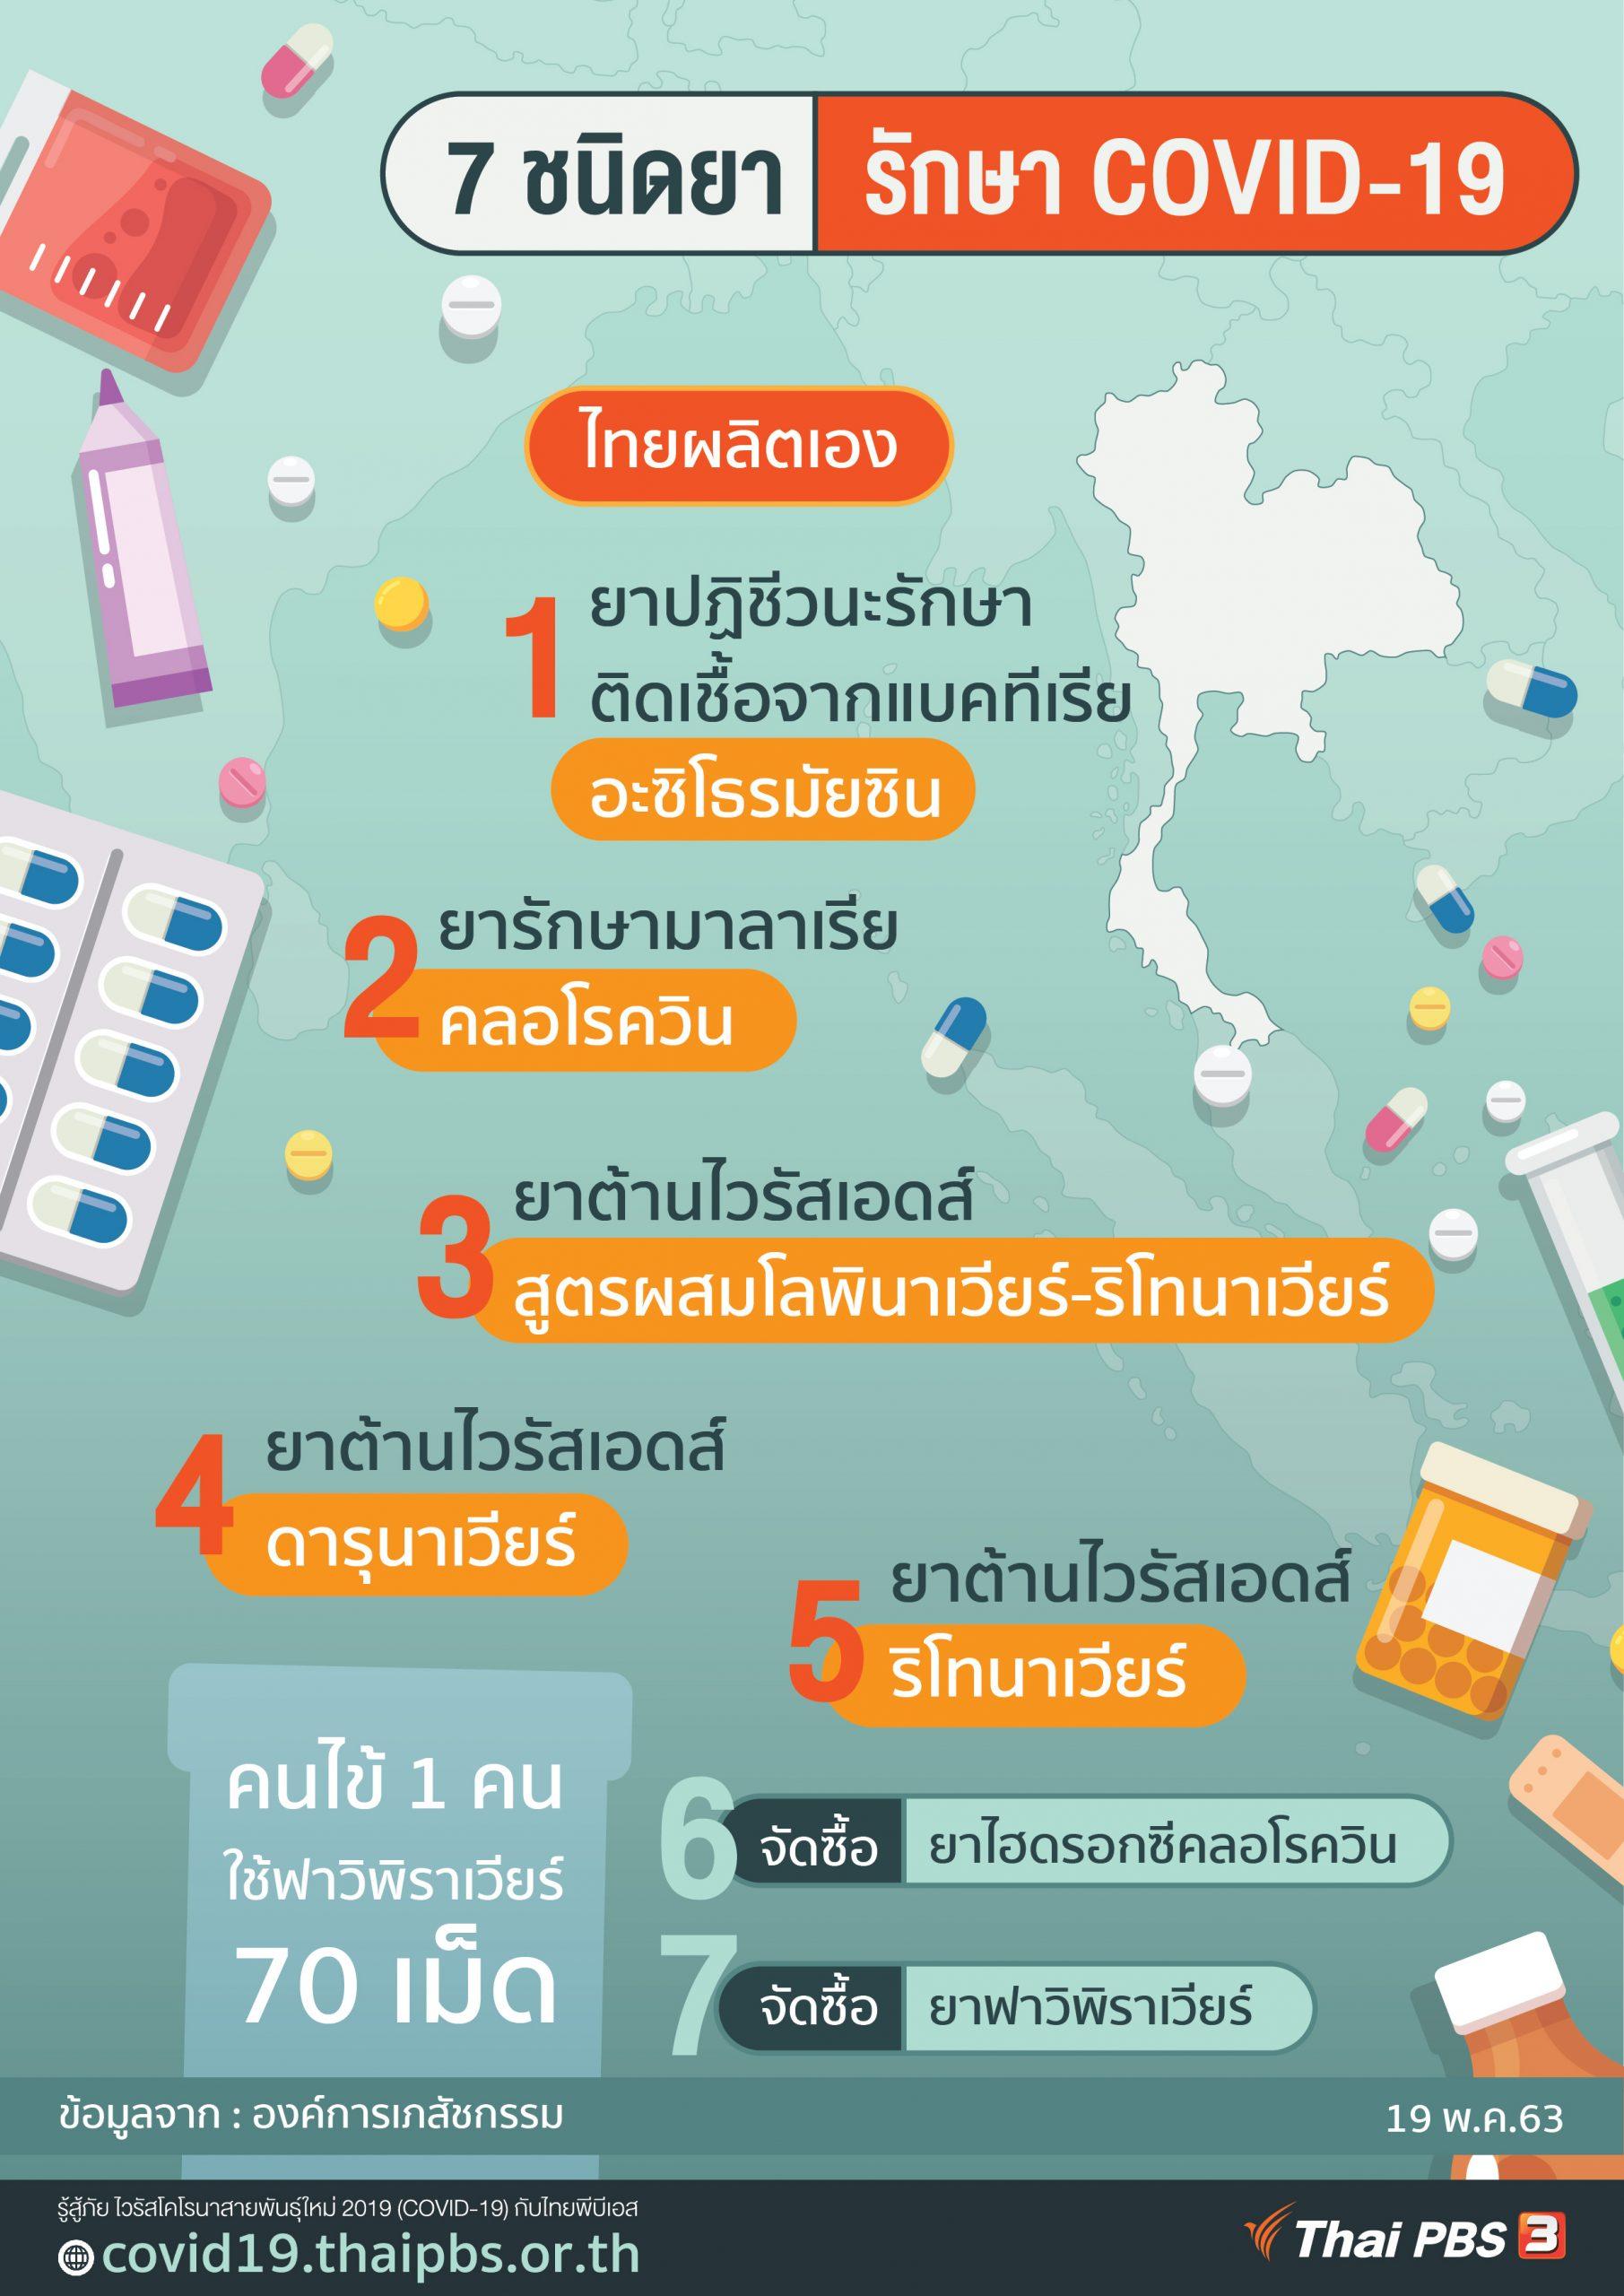 7 ชนิดยารักษา COVID-19